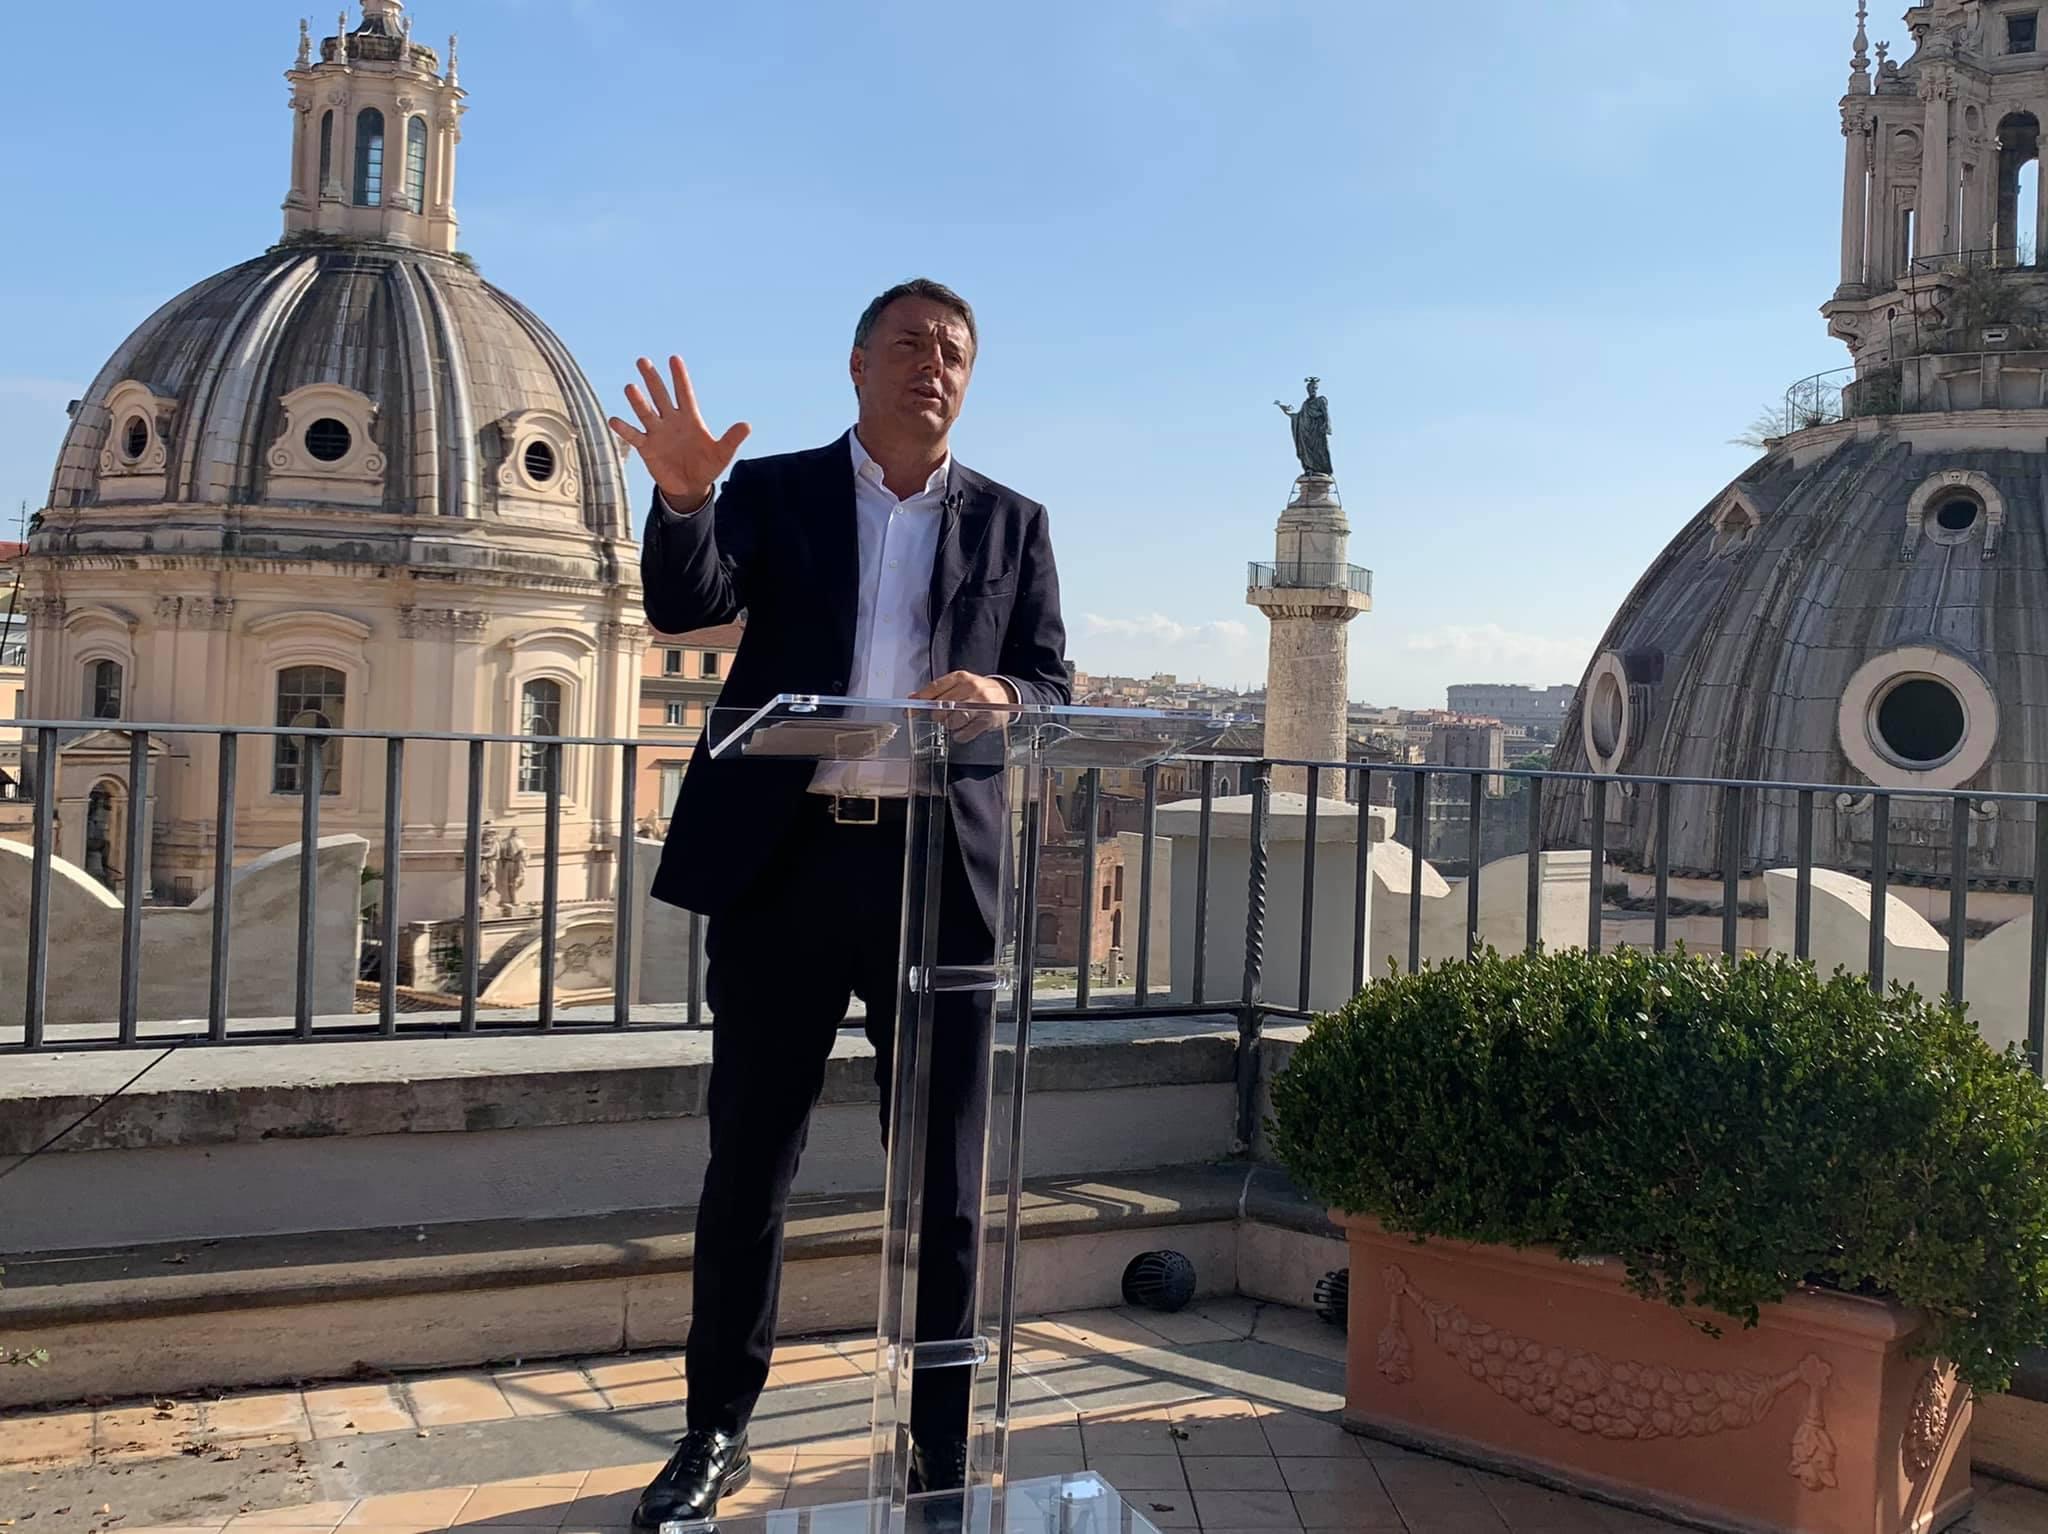 GOVERNO: RISCHIO CRISI AL BUIO, DOMANI LE MOSSE IV